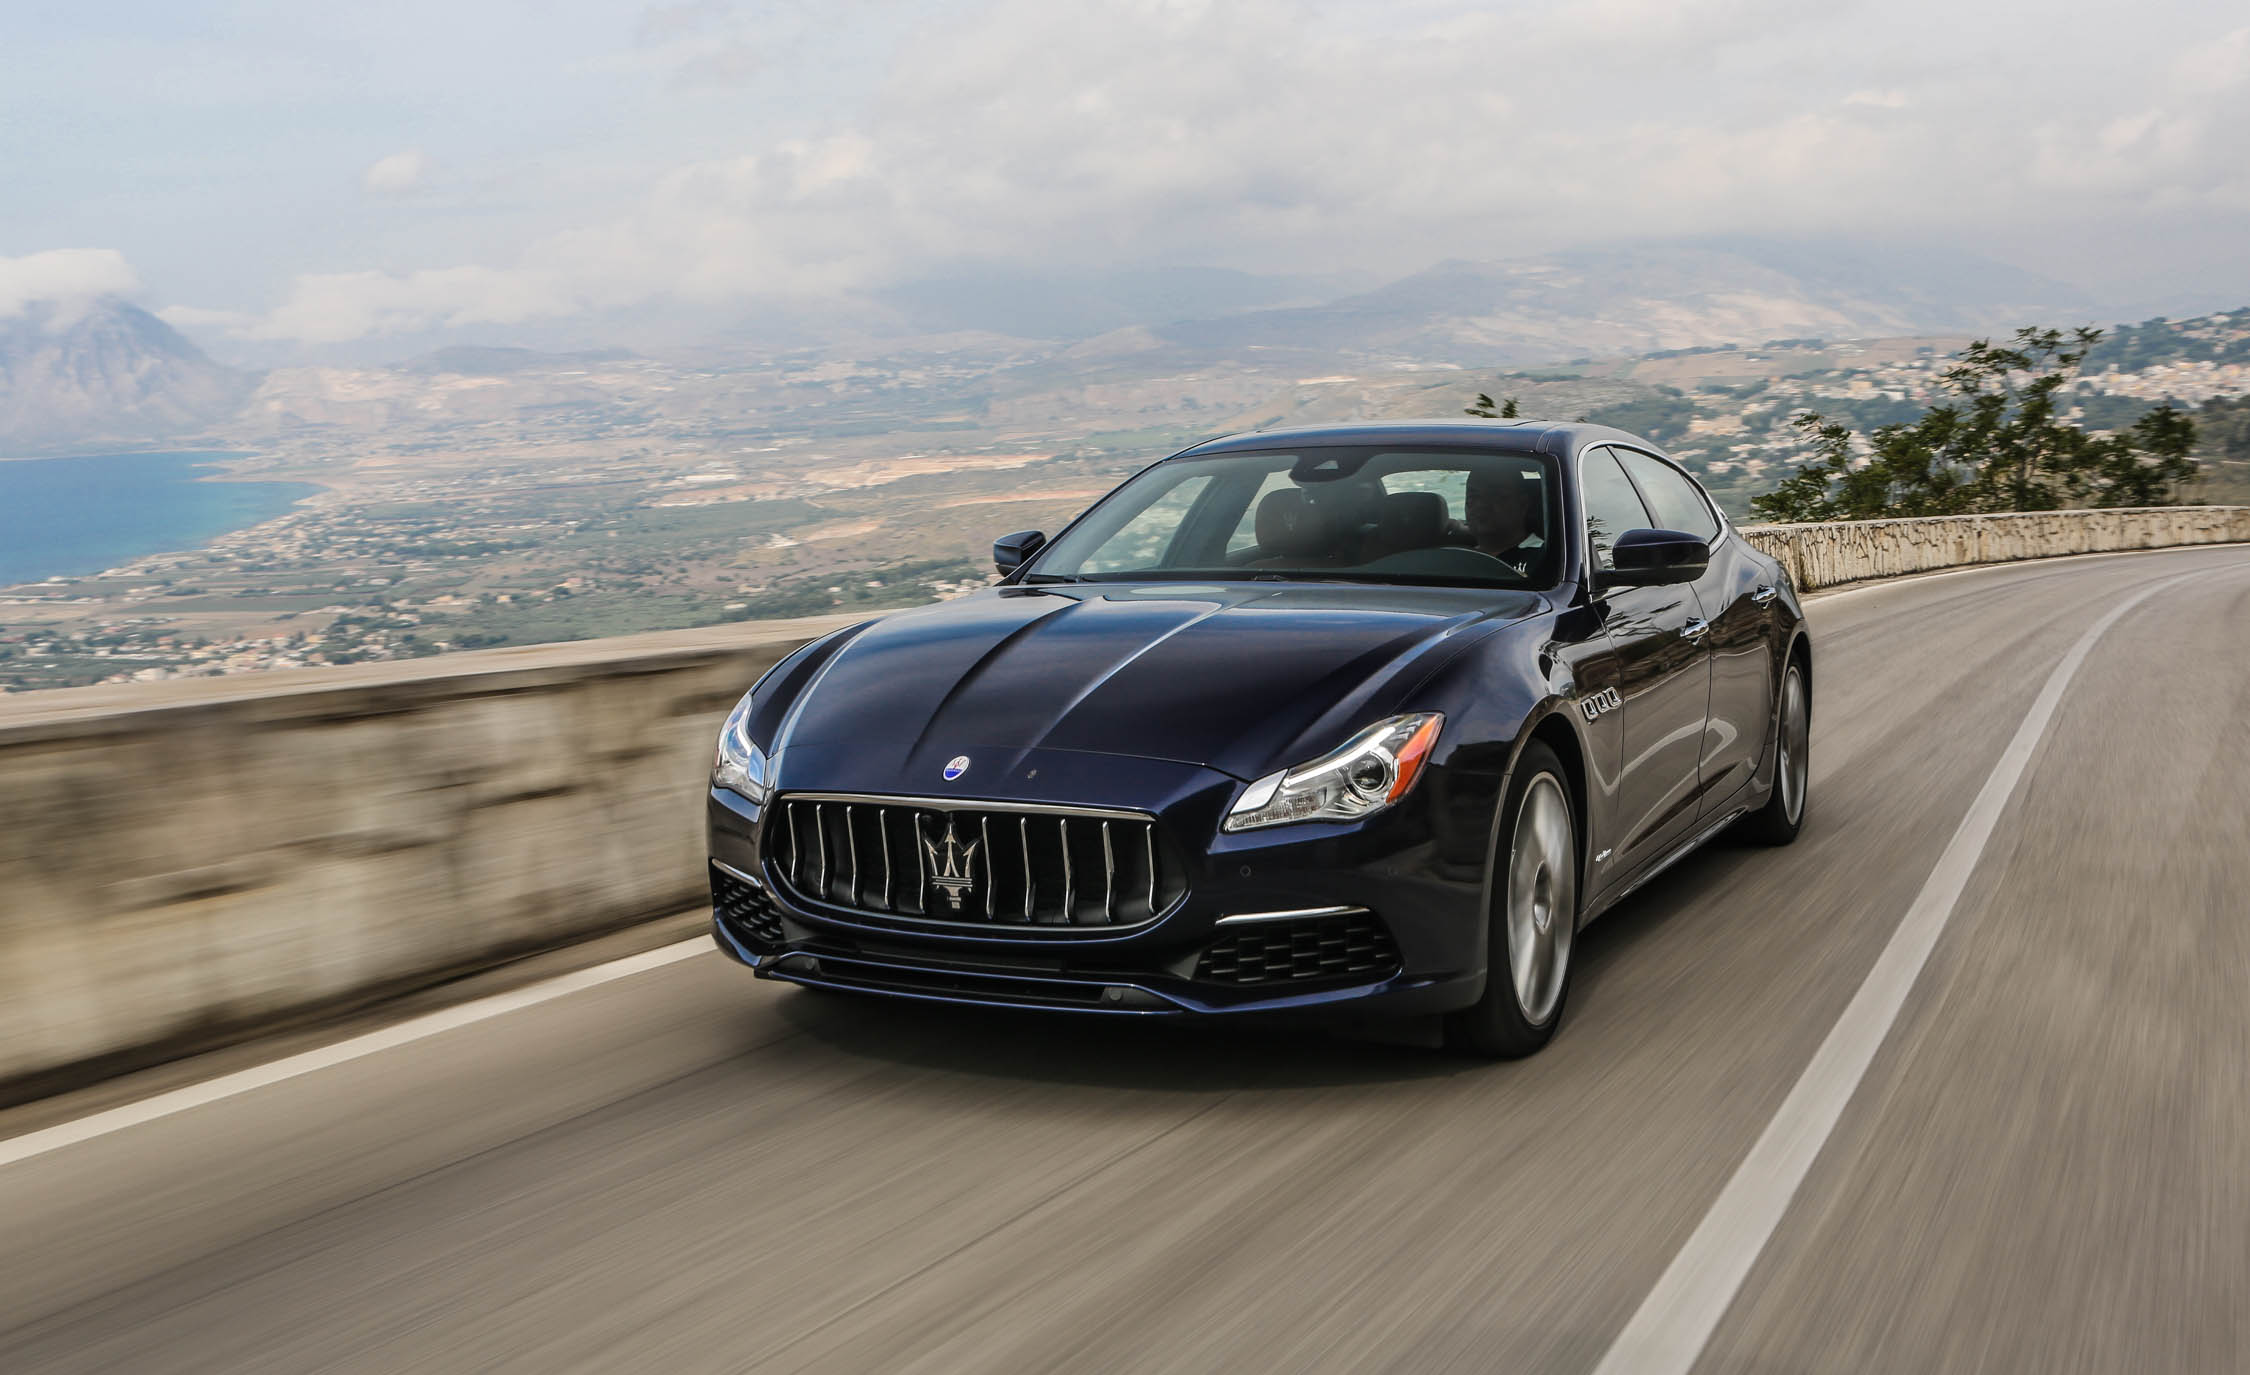 2017 Maserati Quattroporte GTS GranLusso (View 4 of 55)